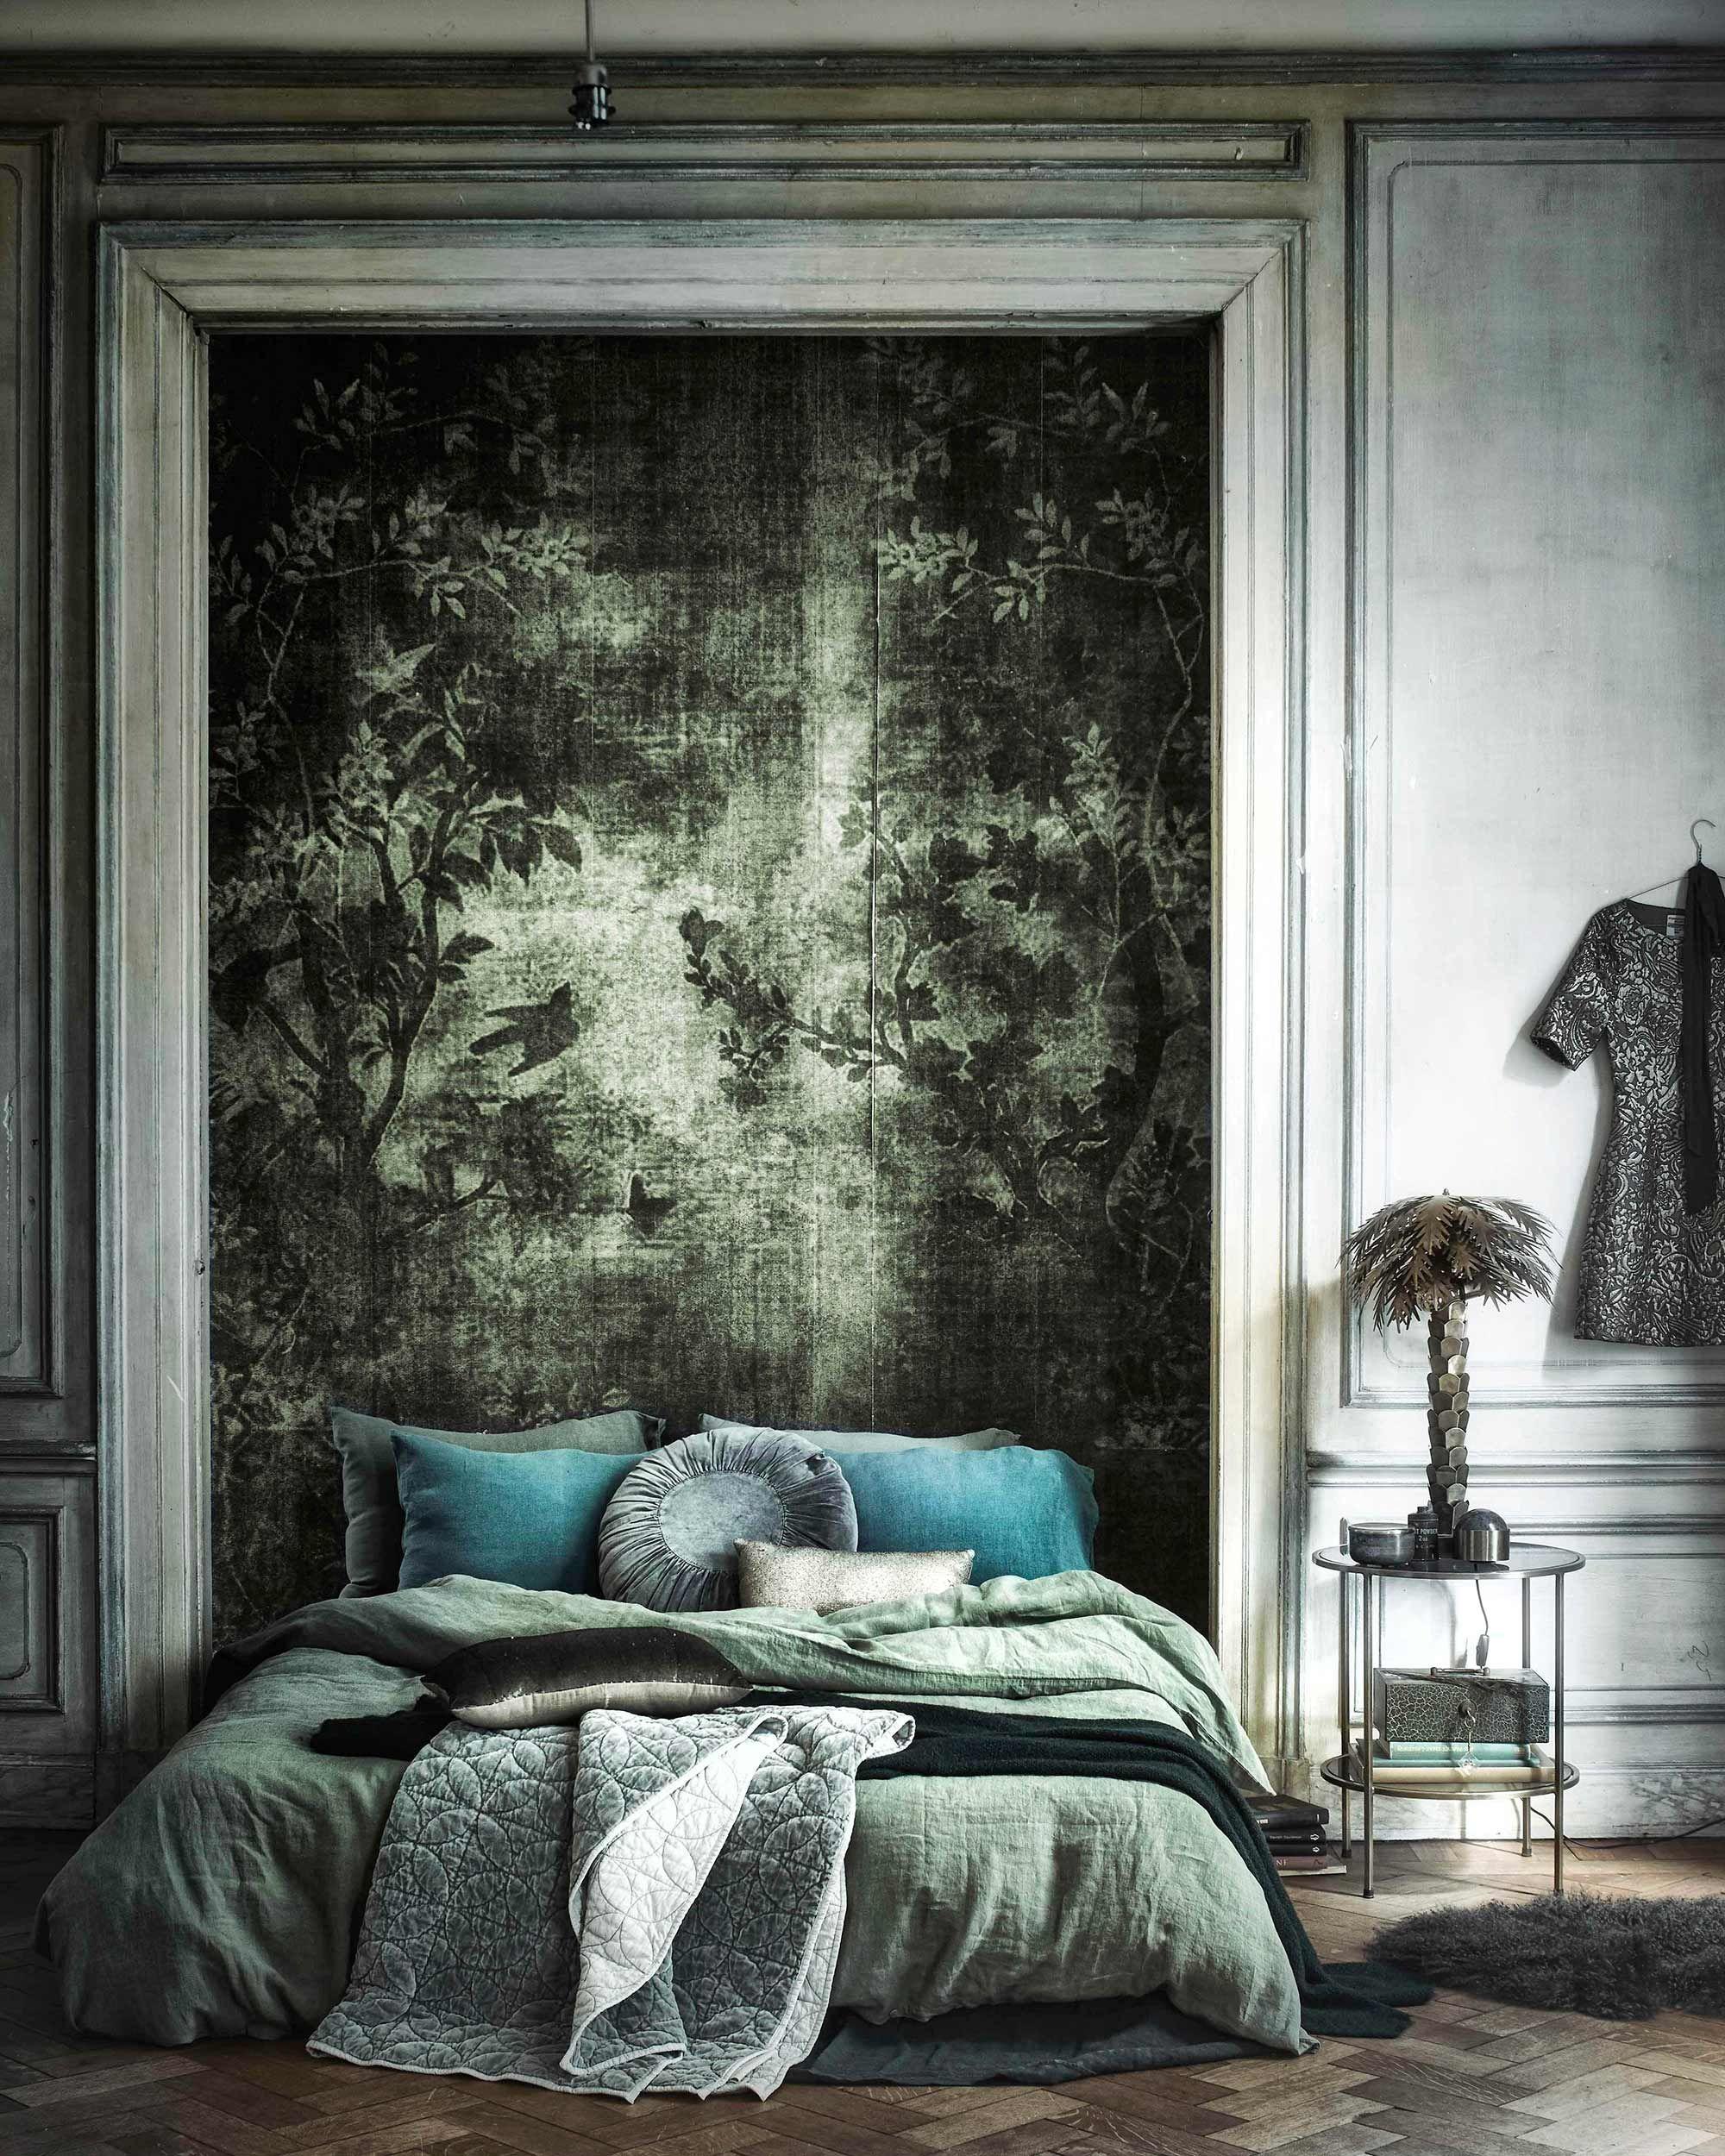 sprookjesachtige slaapkamer bedroom inspiration slaapkamer inspiratie via vtwonen